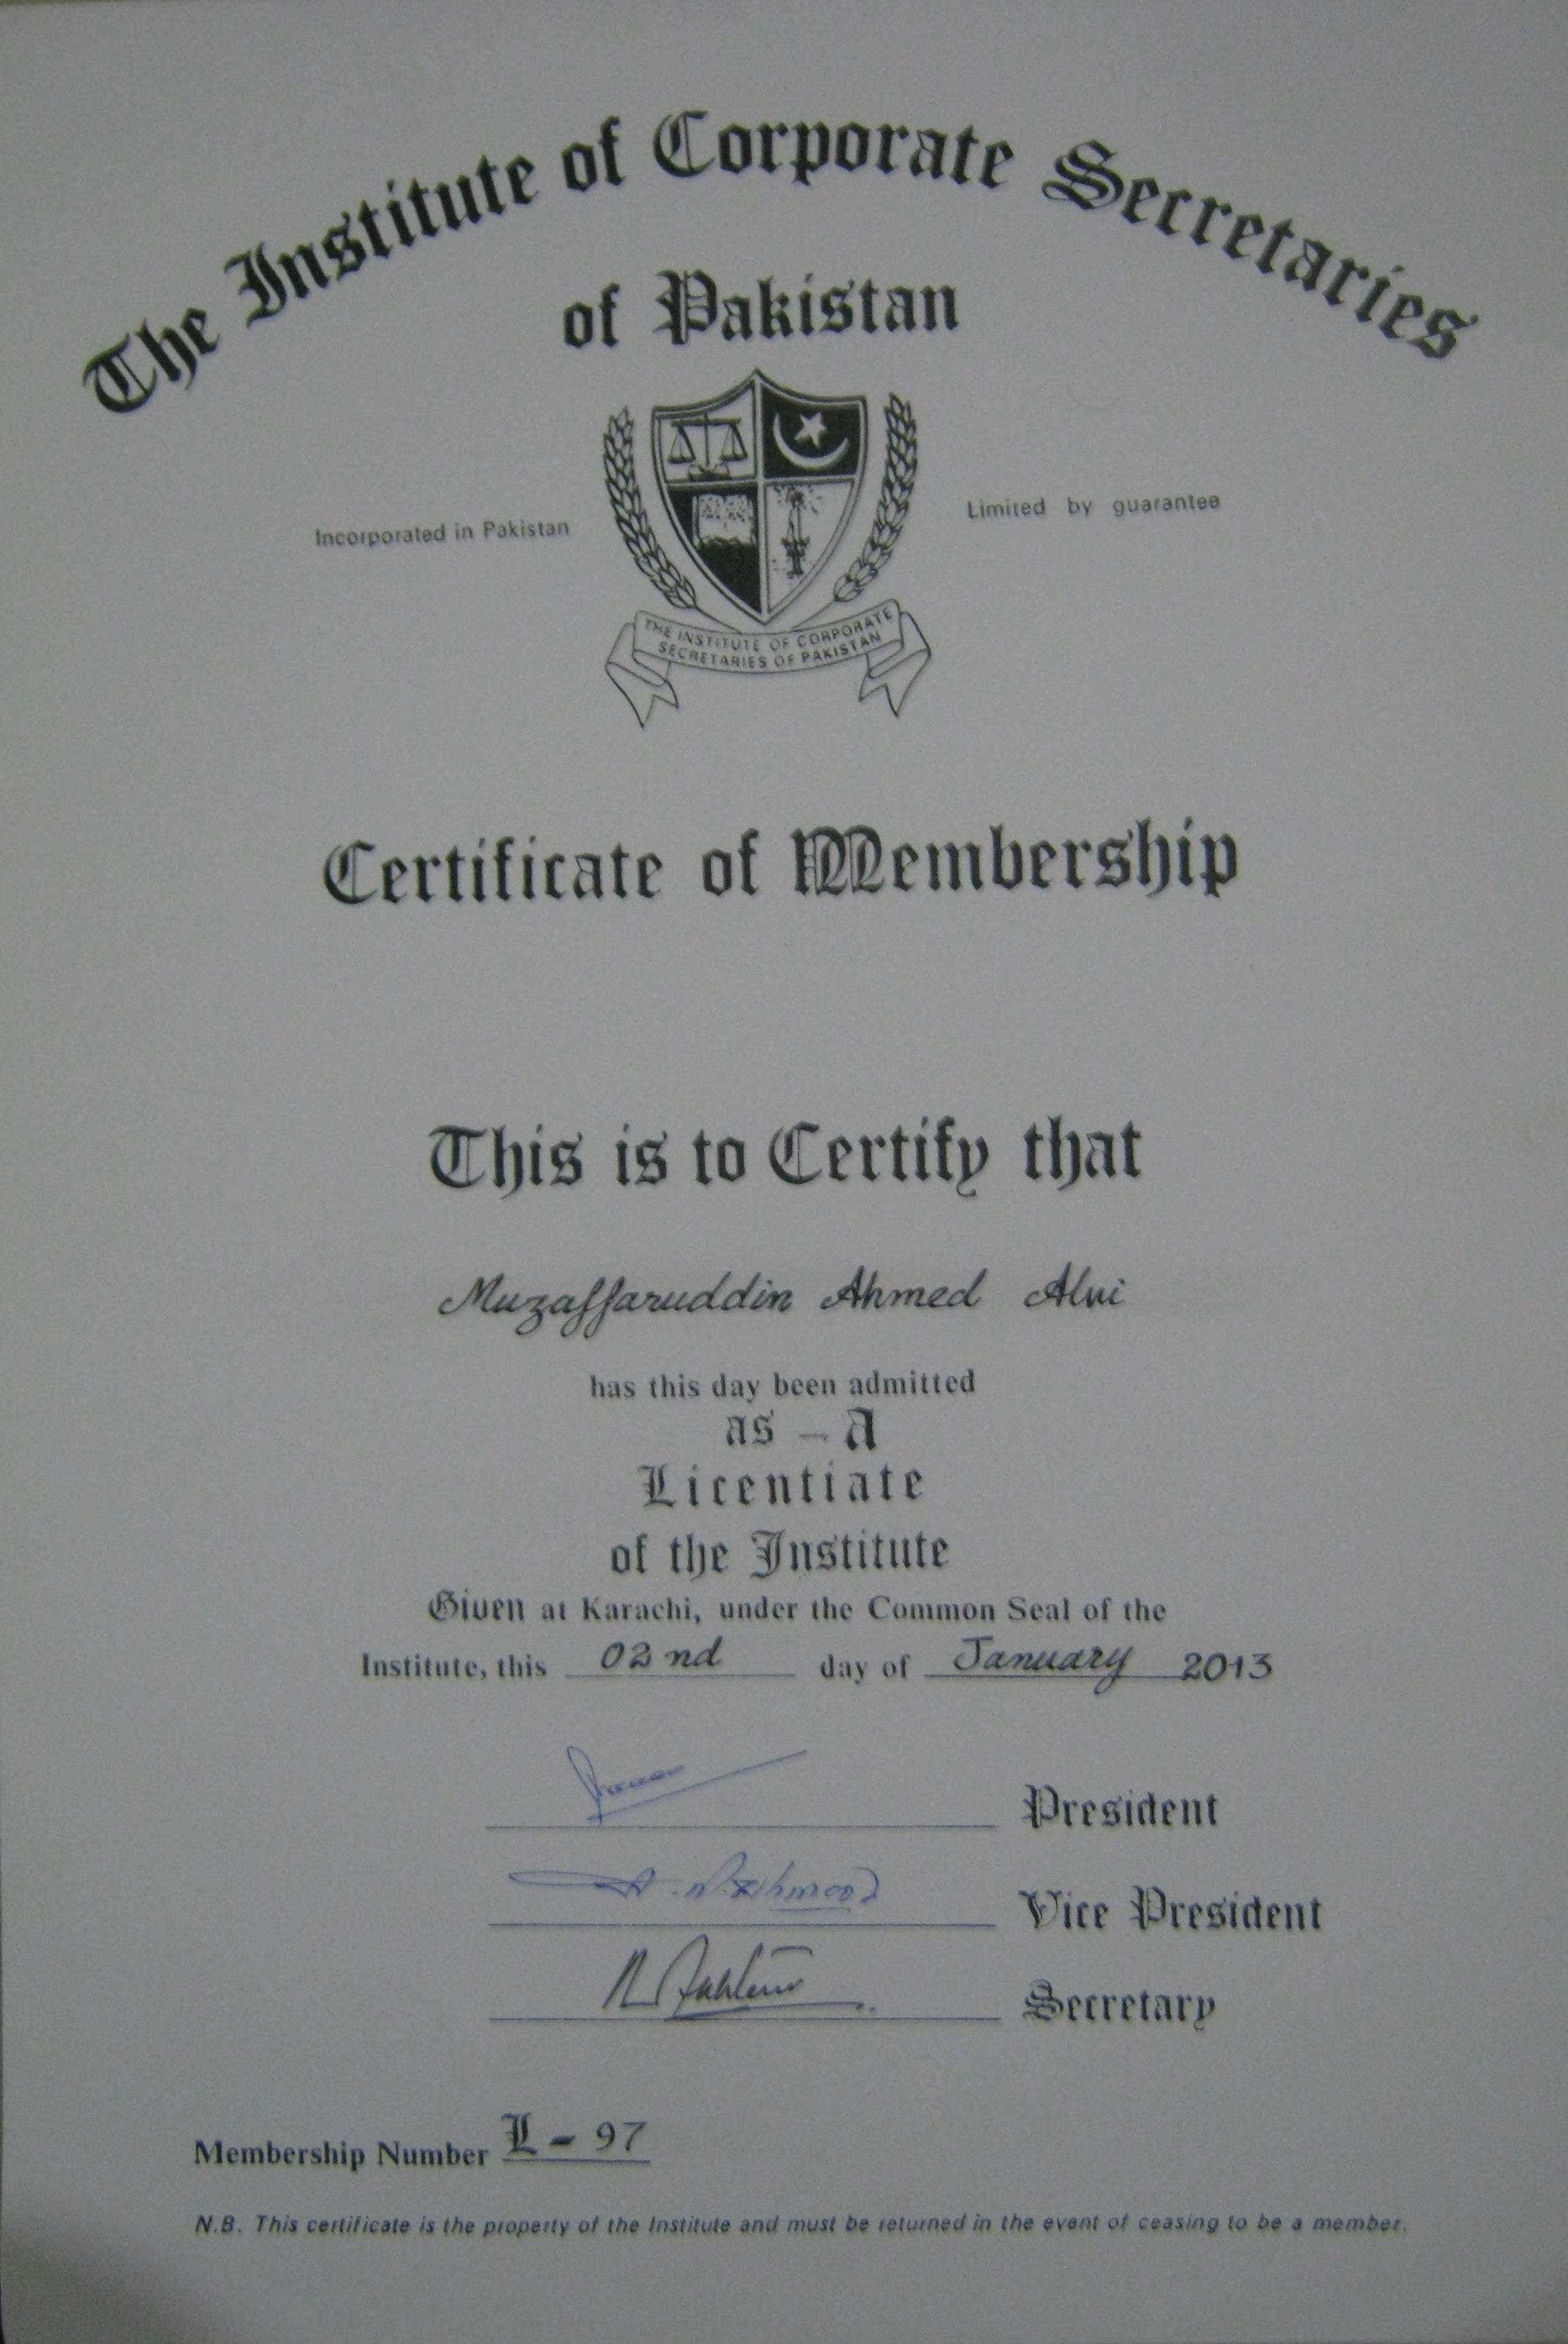 Certificate (Membership No: L-97)